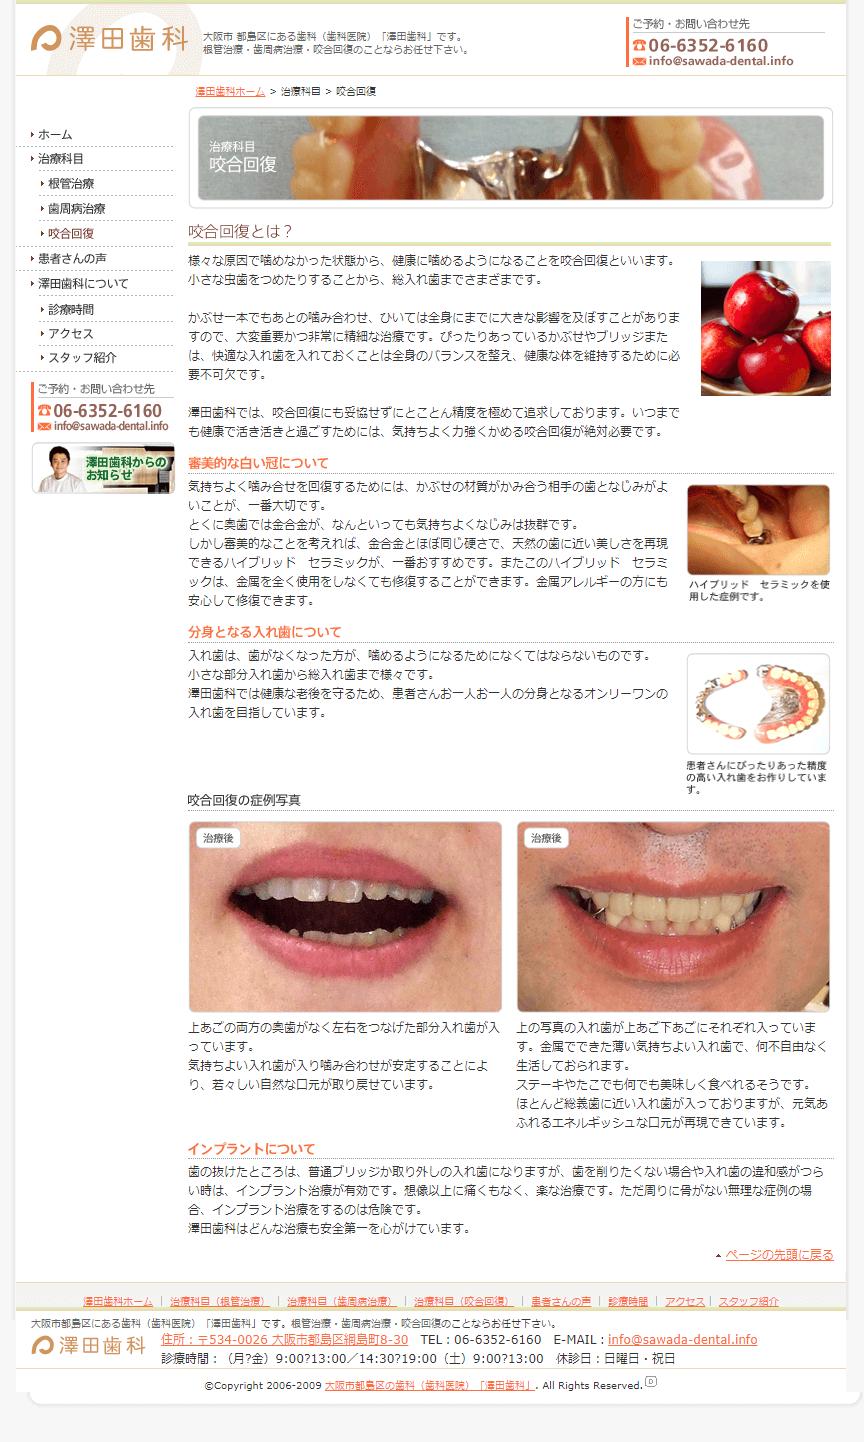 大阪市 澤田歯科様 ホームページ制作2